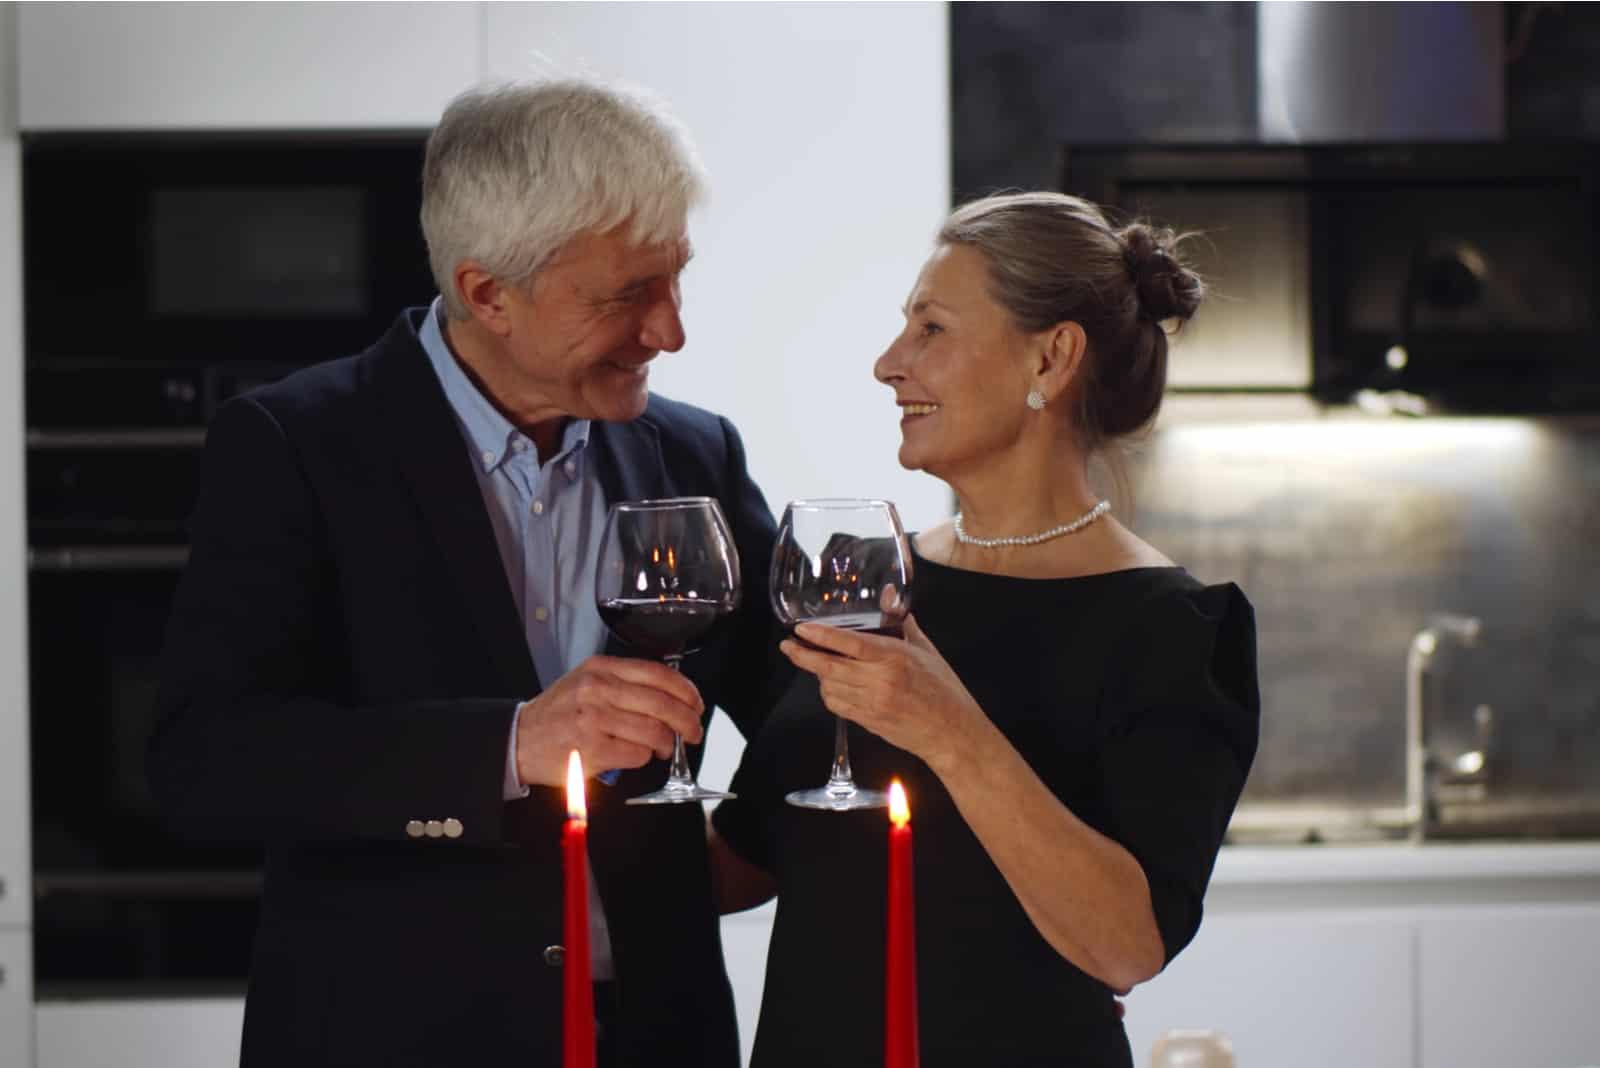 ein älteres Ehepaar bei einem romantischen Abendessen